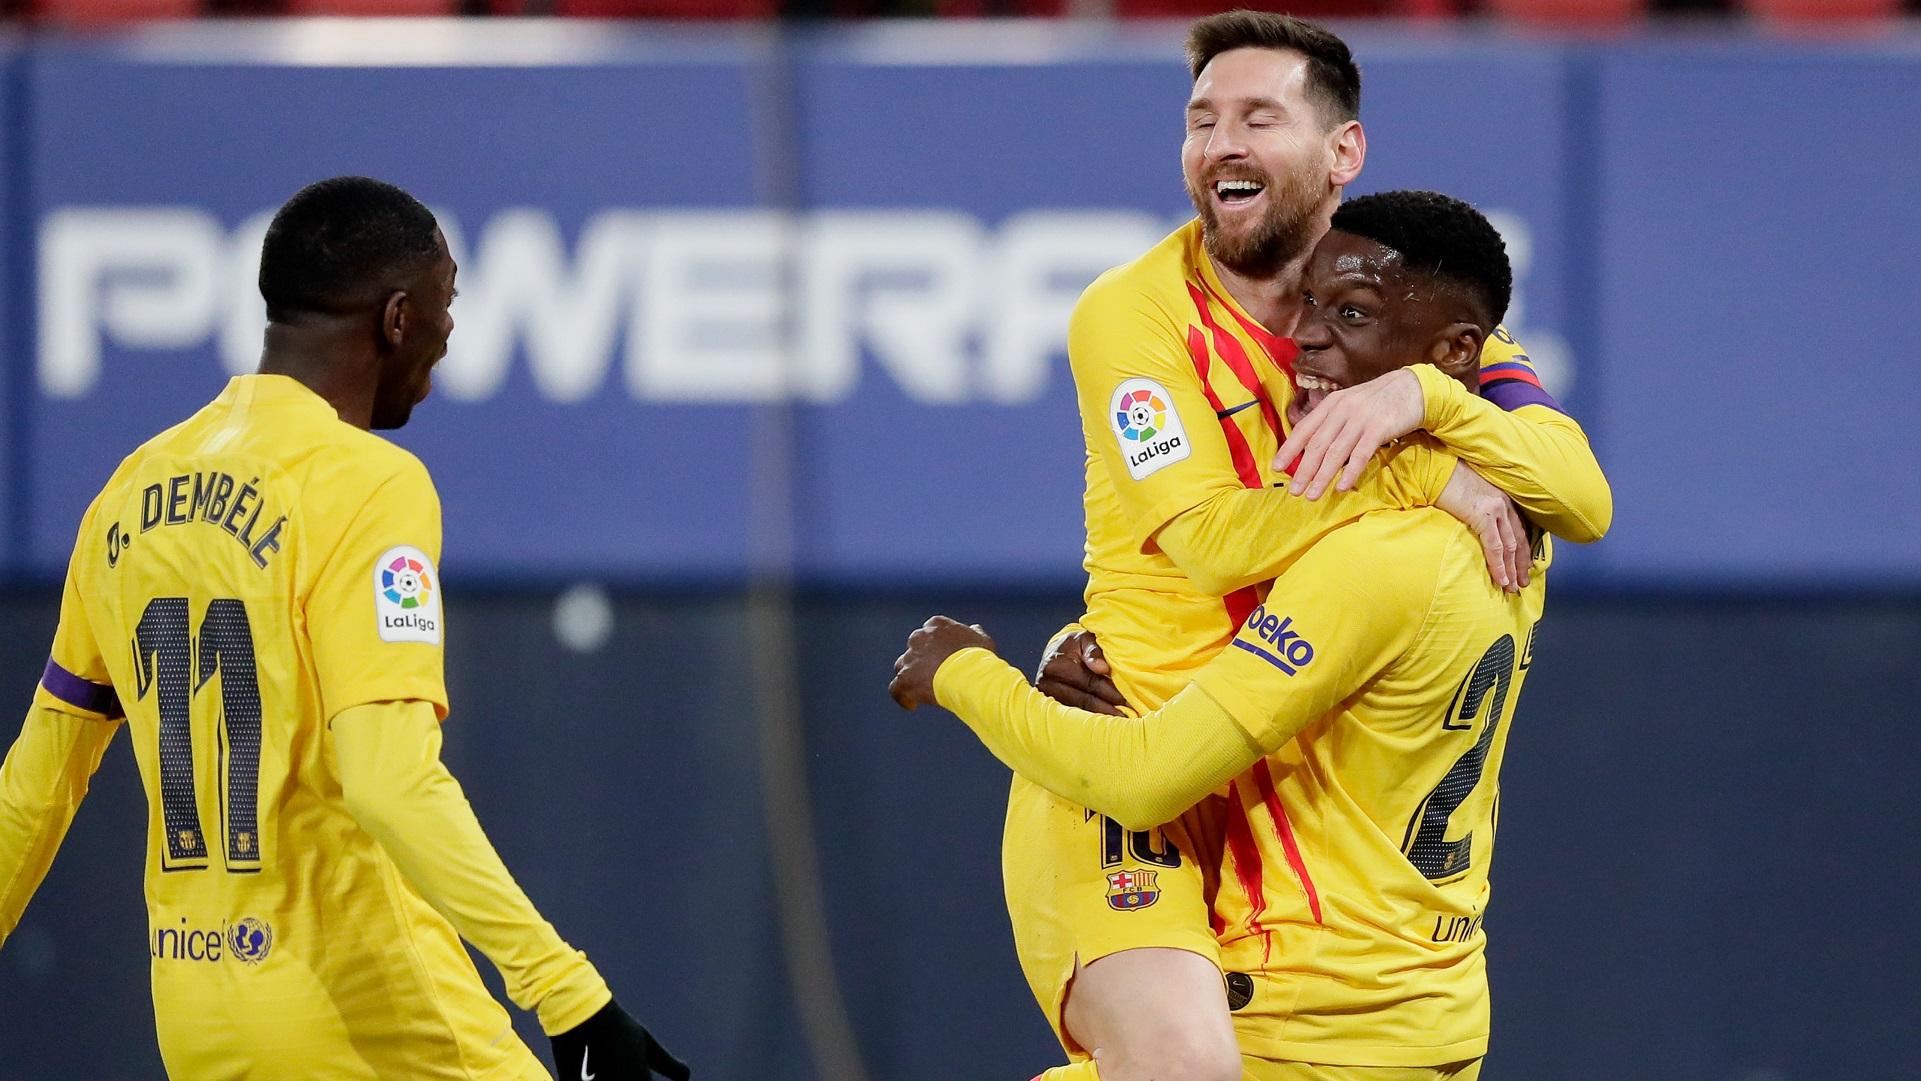 Barcelona boss Koeman unfazed by Madrid derby result